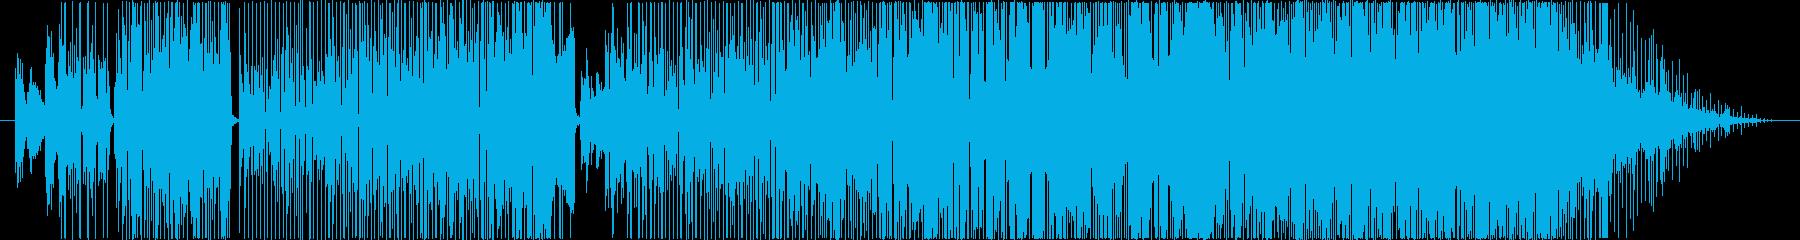 マンダリンポップでロマンスな曲の再生済みの波形